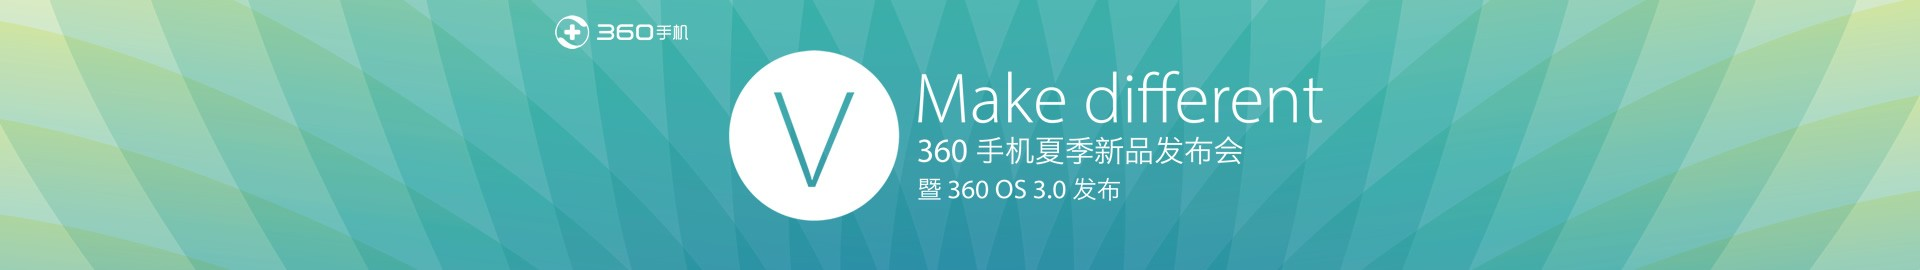 一起制造不同 360手机夏季发布会直播